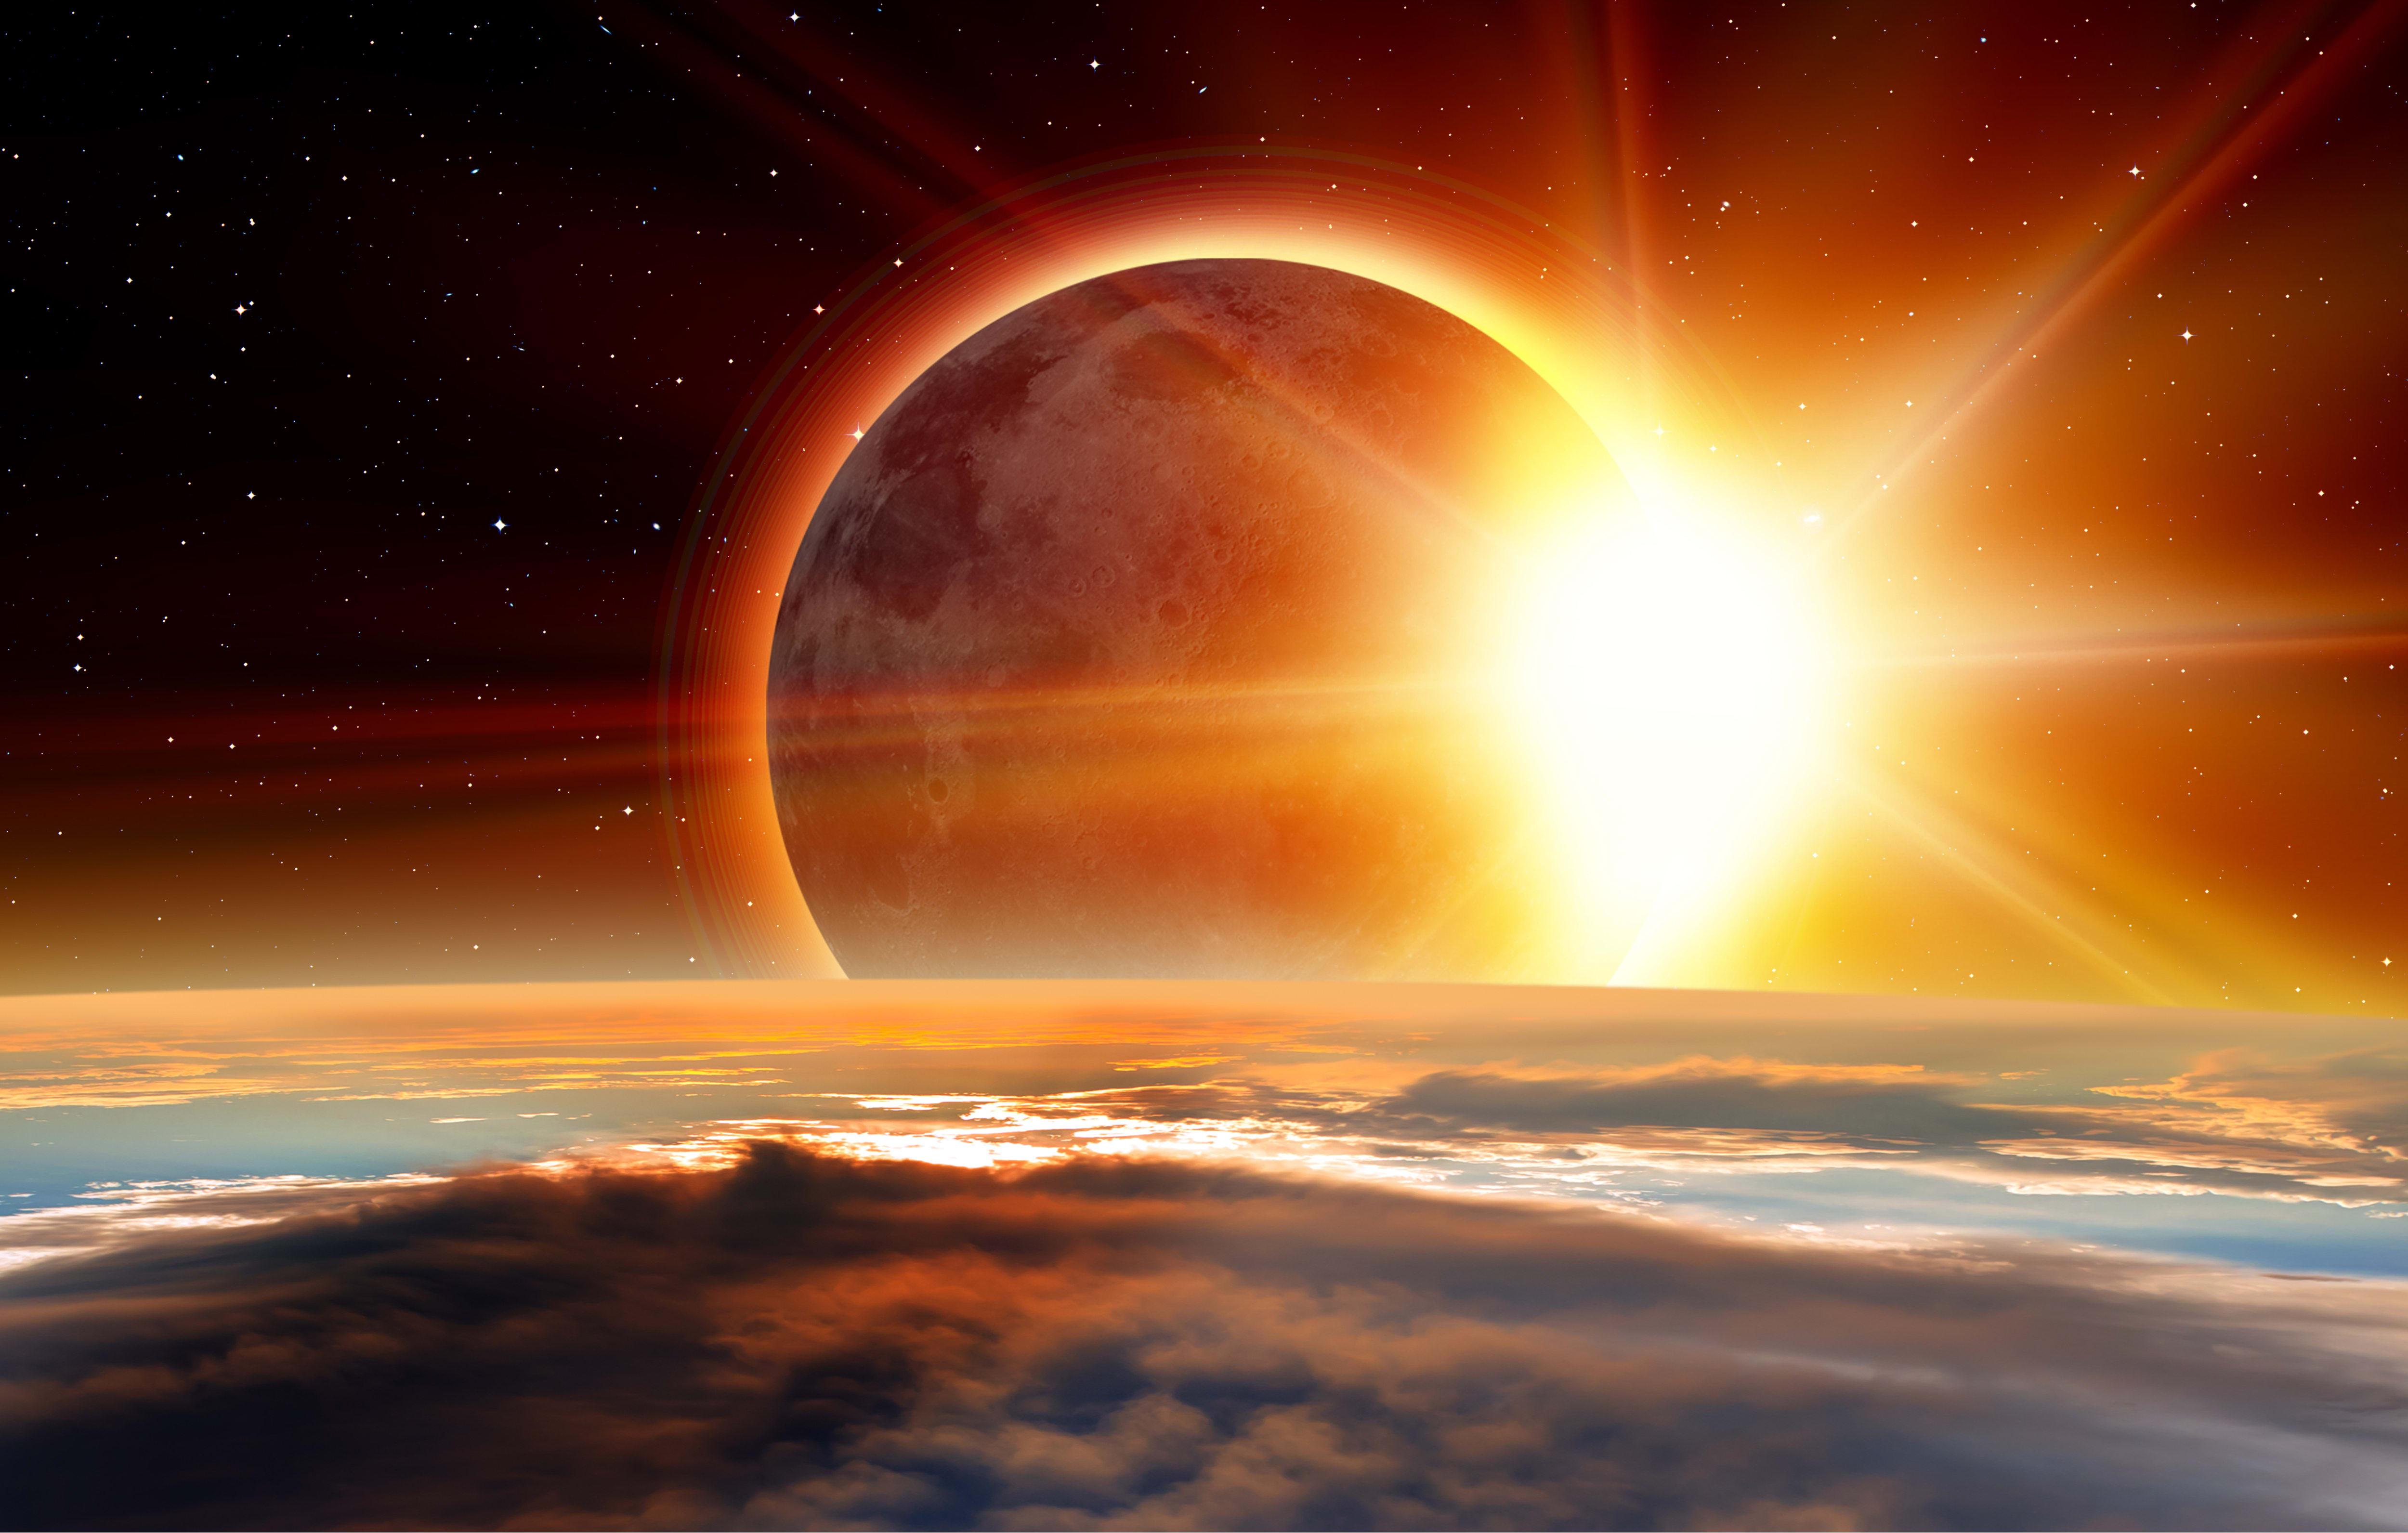 Eclipse solar de Chile y Argentina 2019 (14 FOTOS Y 3 VIDEOS)